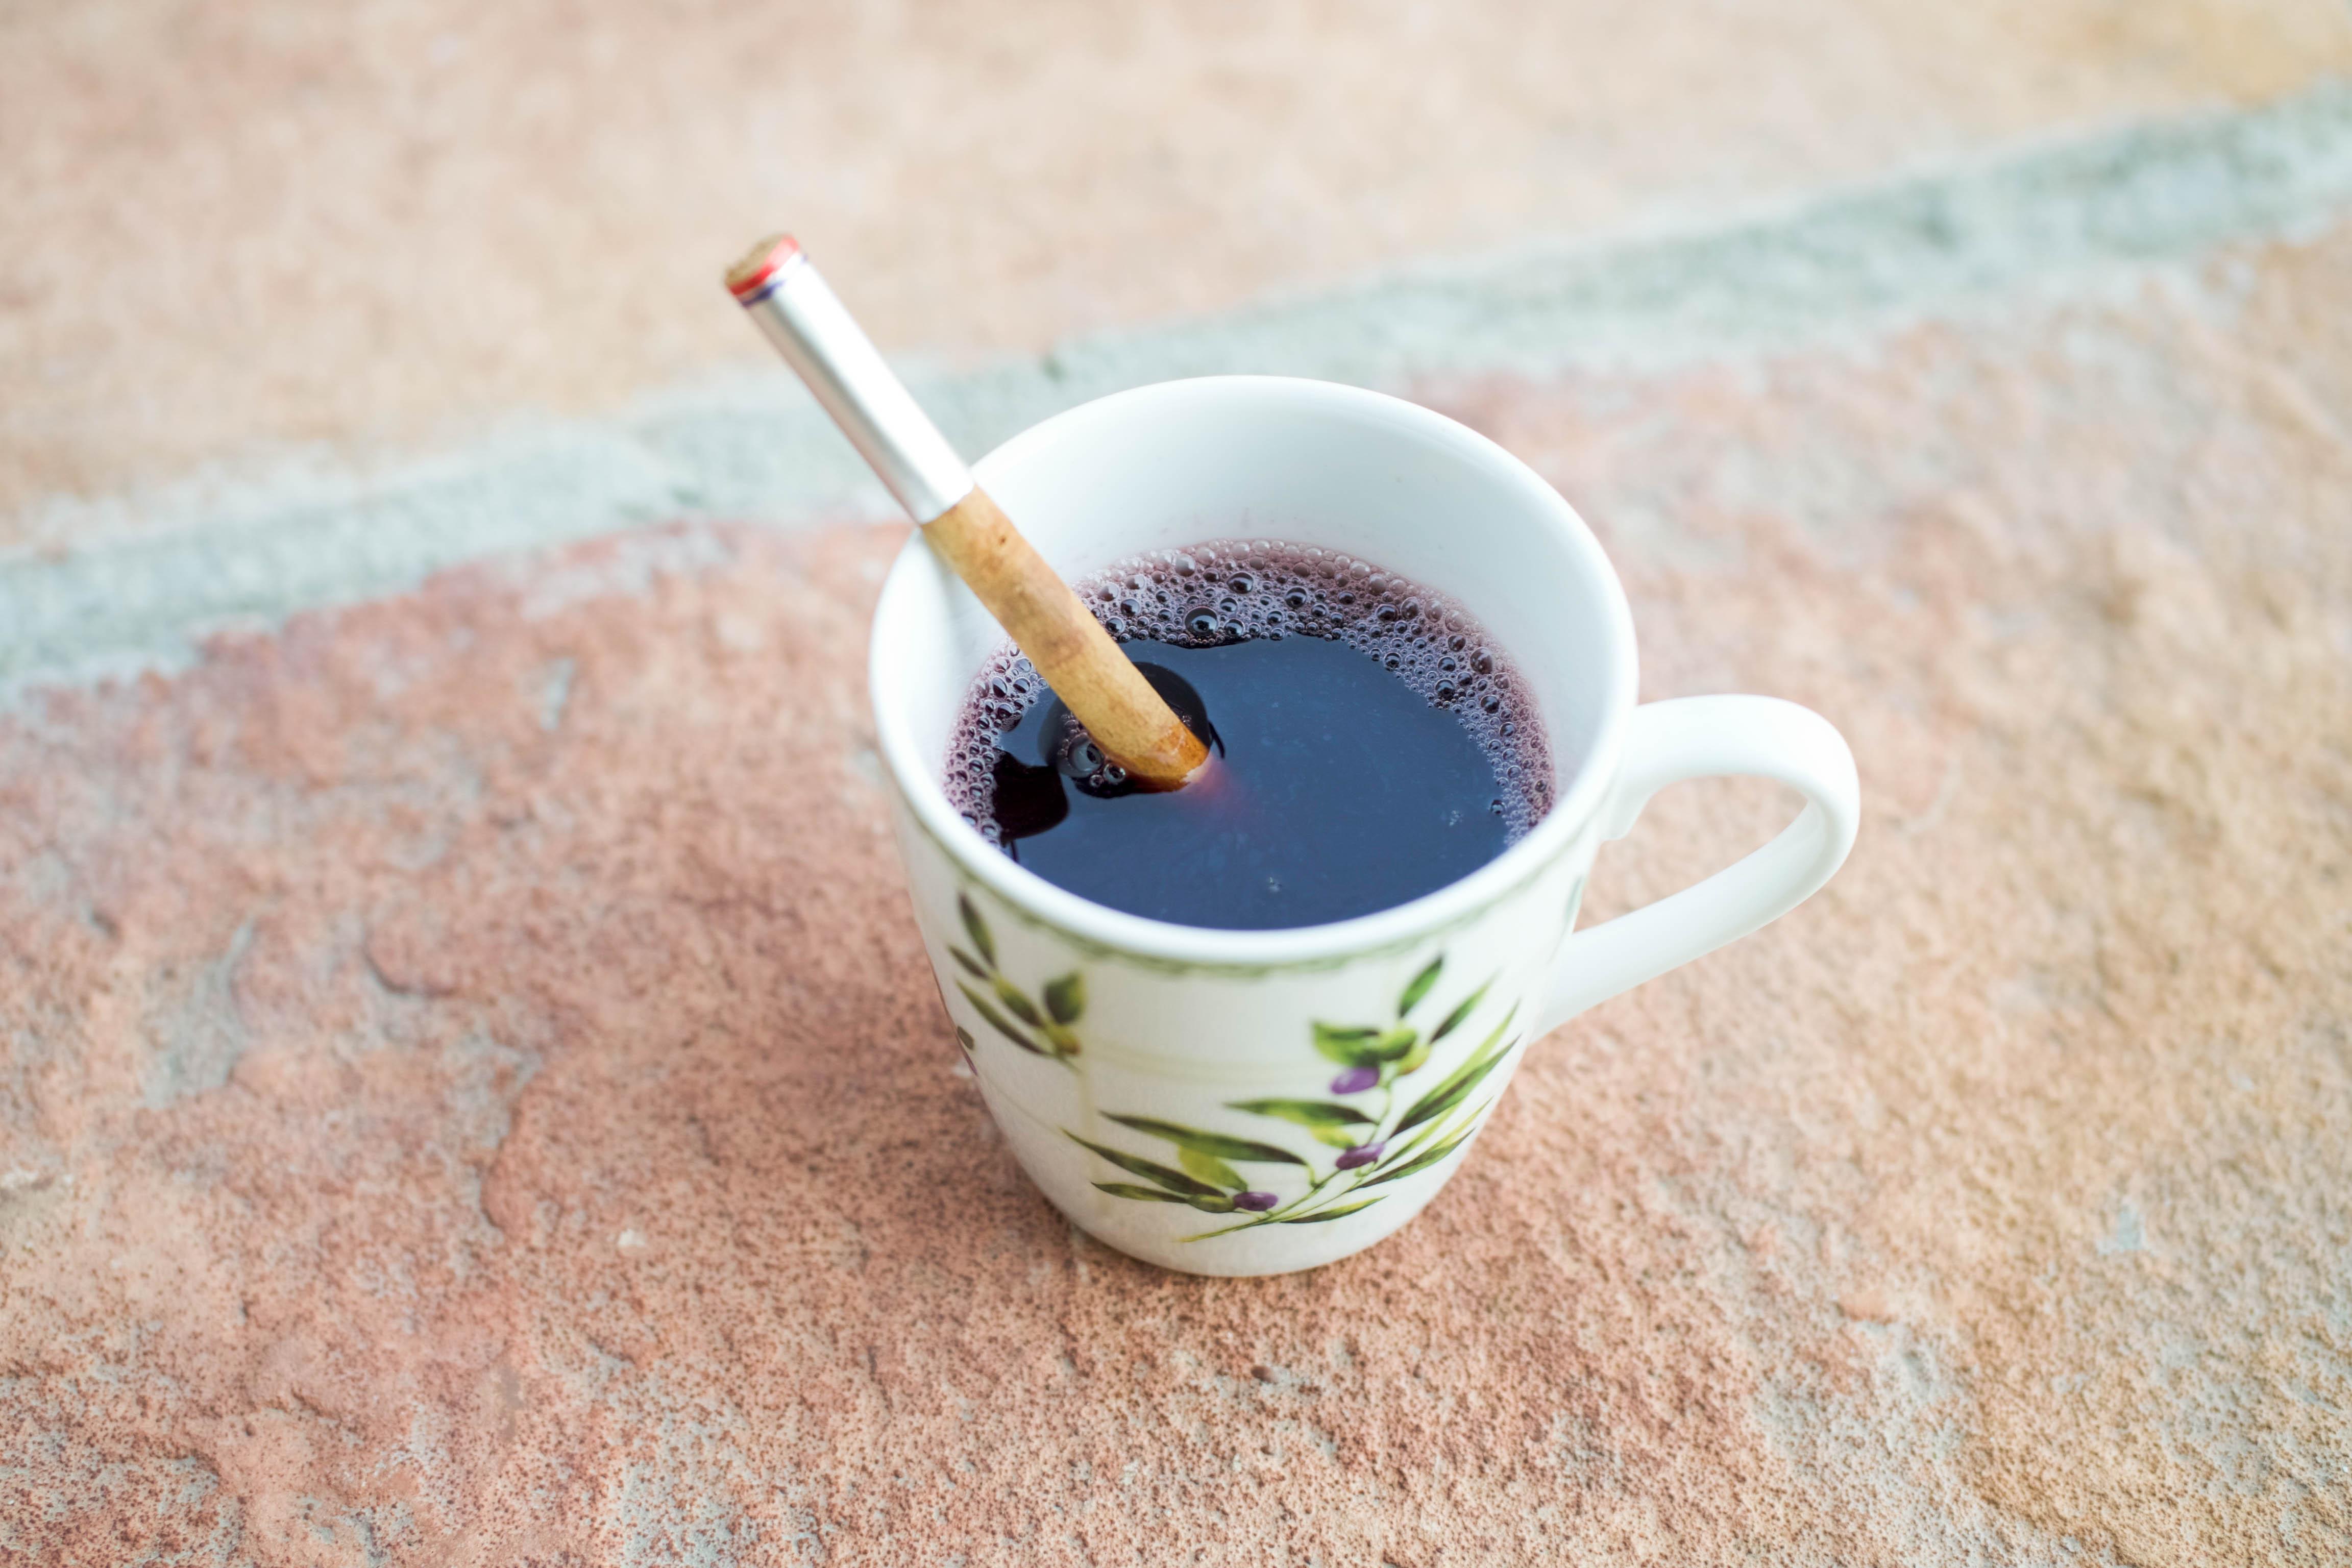 寒い冬に身体をぽかぽか温める、簡単生姜シロップ入りホットワイン